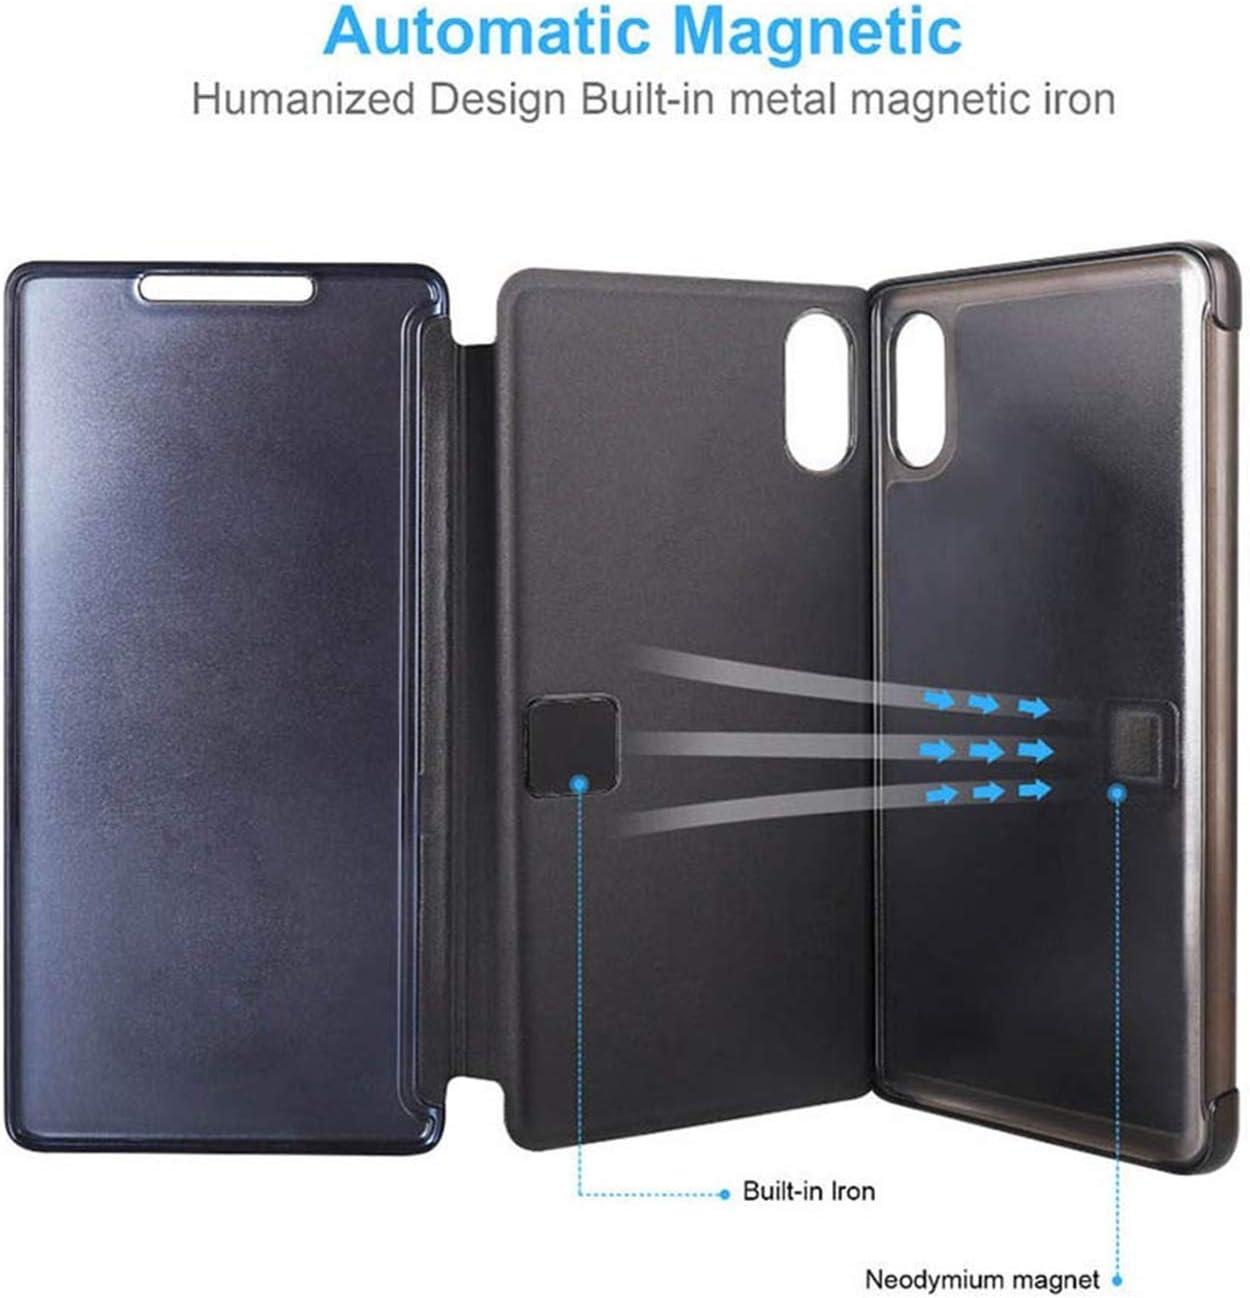 Noir, Huawei P30 Lite Ubeshine Coque pour Huawei P30 Lite Housse Transparent Clair Huawei P30 Couverture S-Vue PC Miroir Flip Case Cover Bumper Housse Etui Coque de Protection pour Huawei P30 Pro